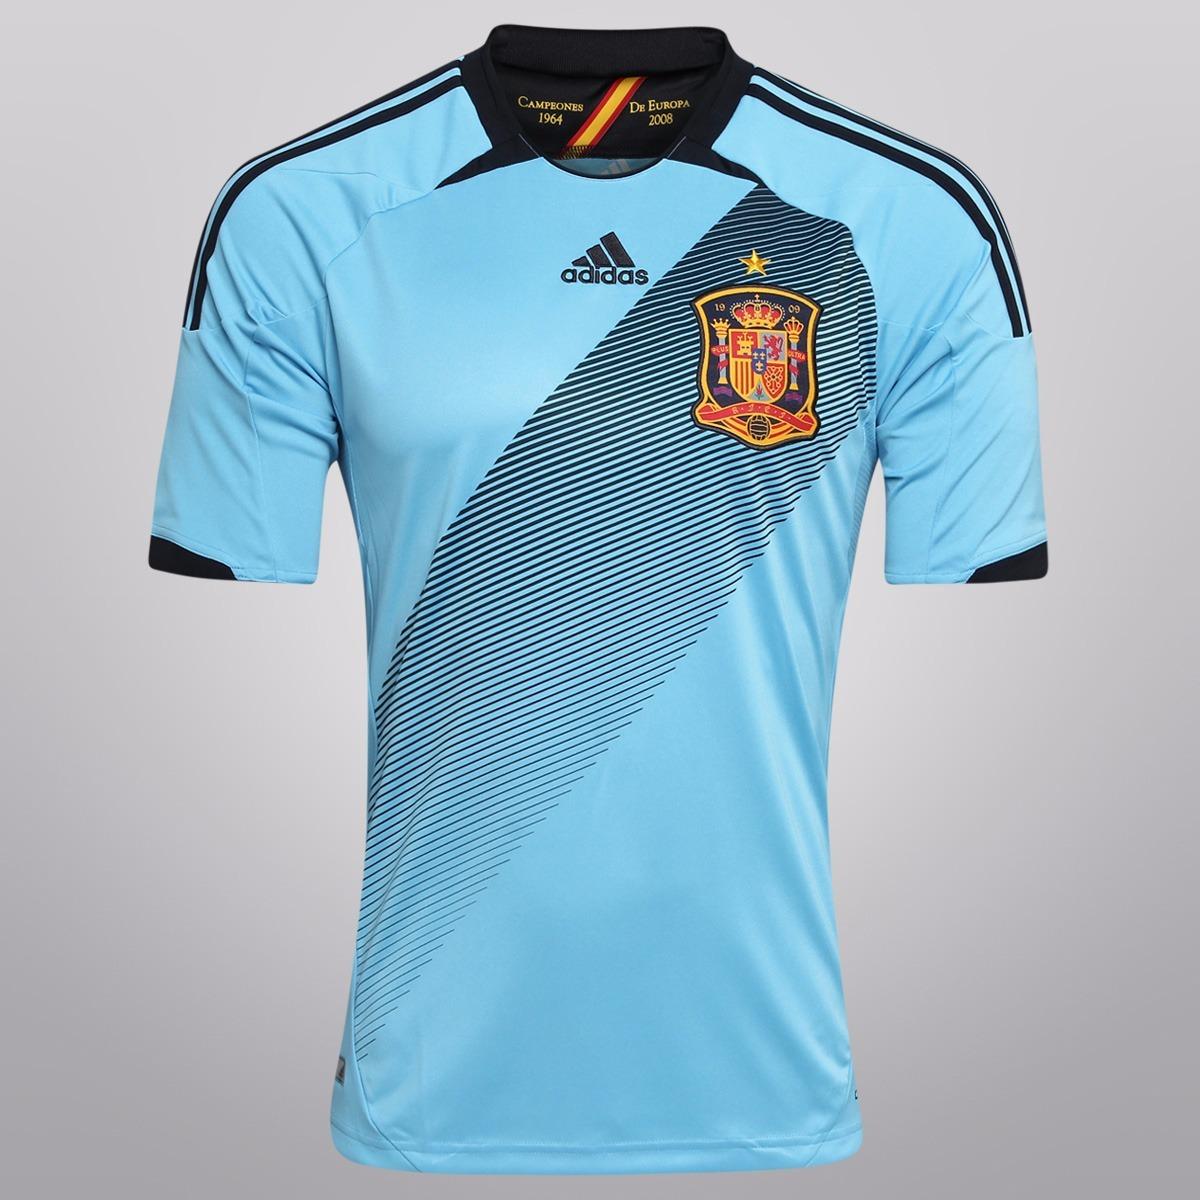 Camisa adidas Seleção Espanha Away 2012 Euro Copa Uefa Troco - R  99 ... 018bbf689d3d1